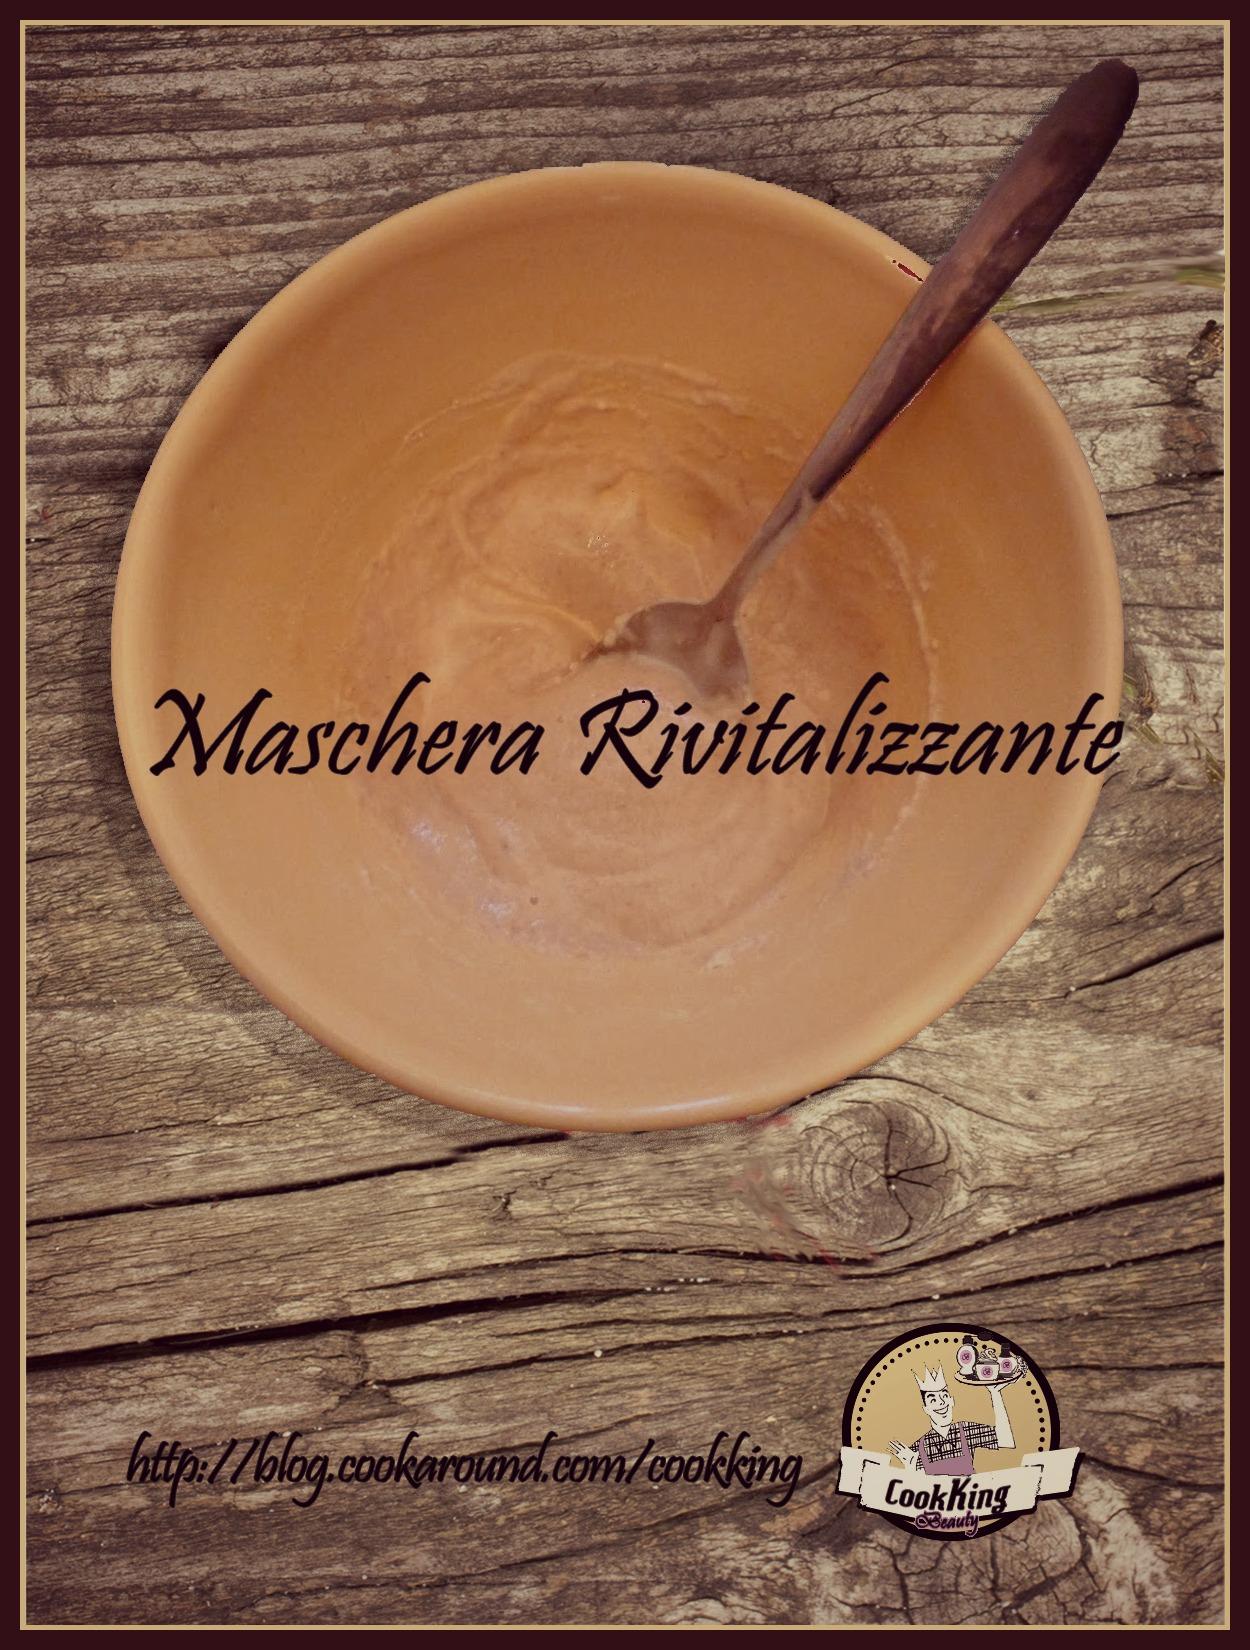 MASCHERA RIVITALIZZANTE - CookKing